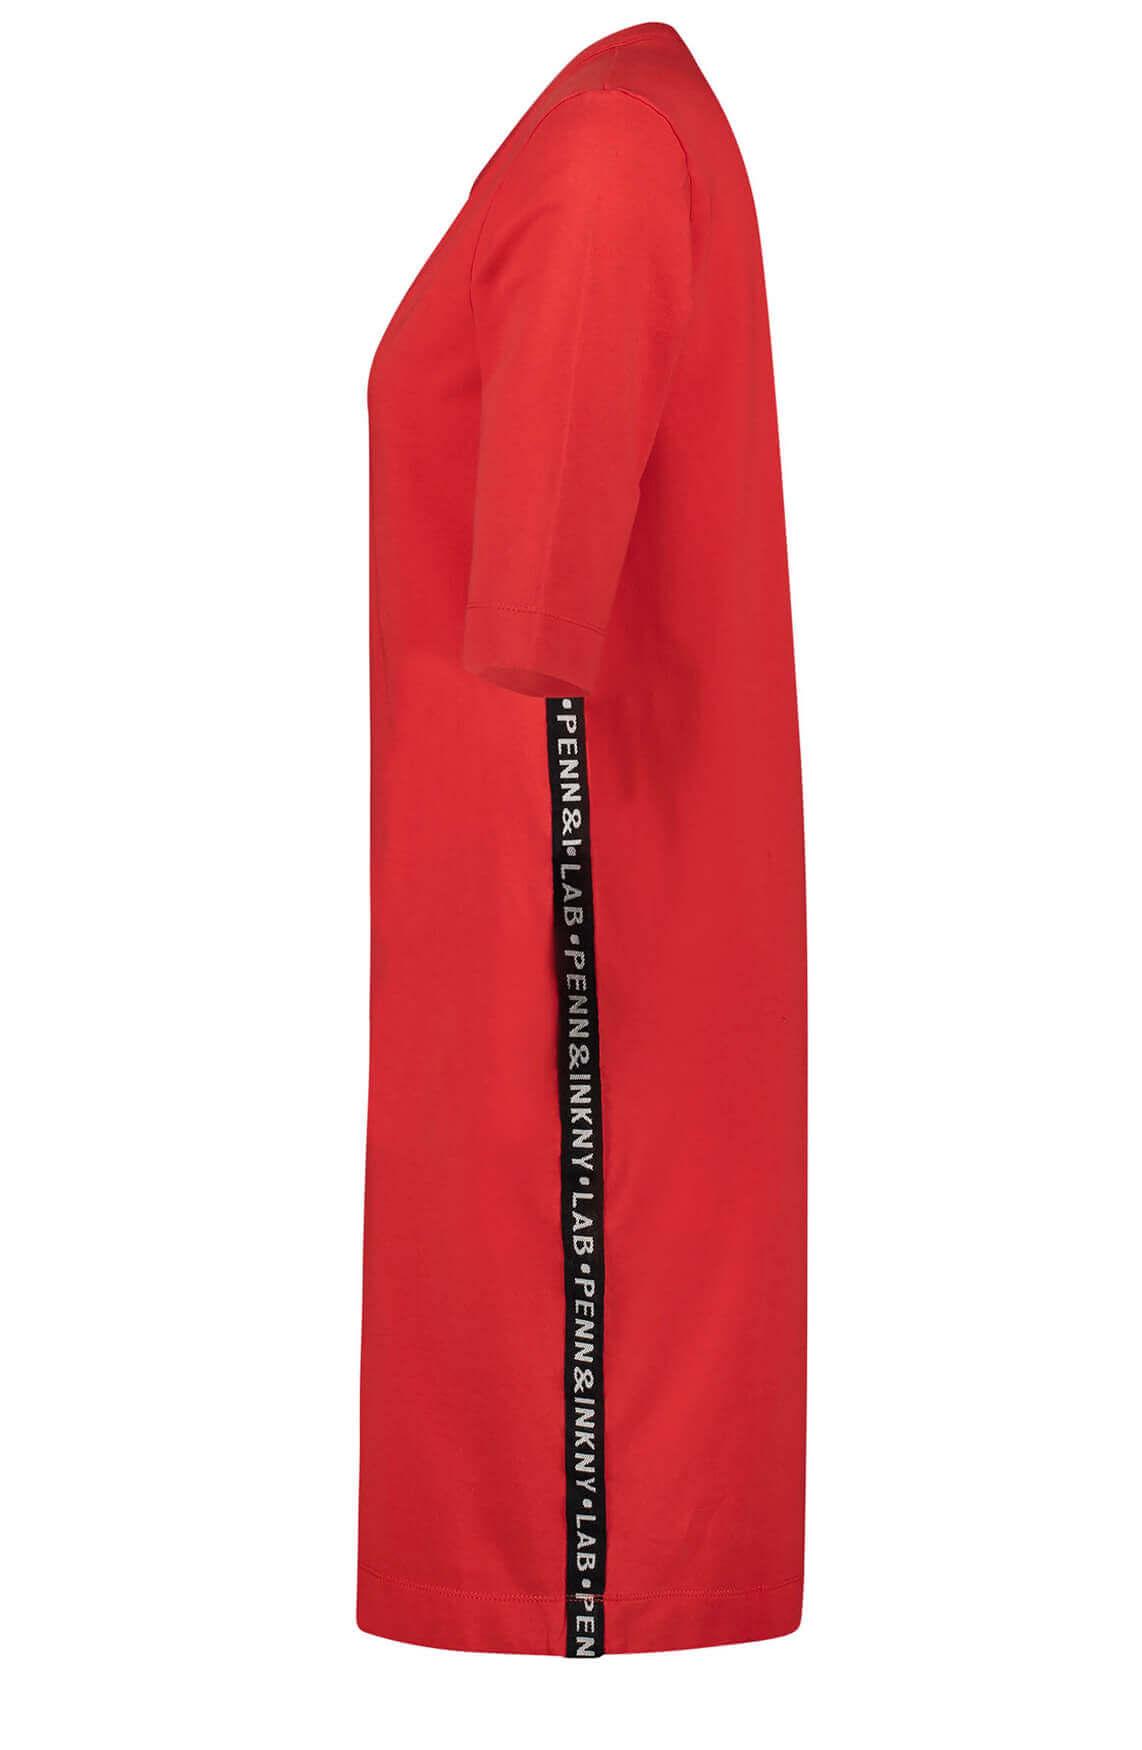 Penn & Ink Dames Jurk met tekstbies Rood